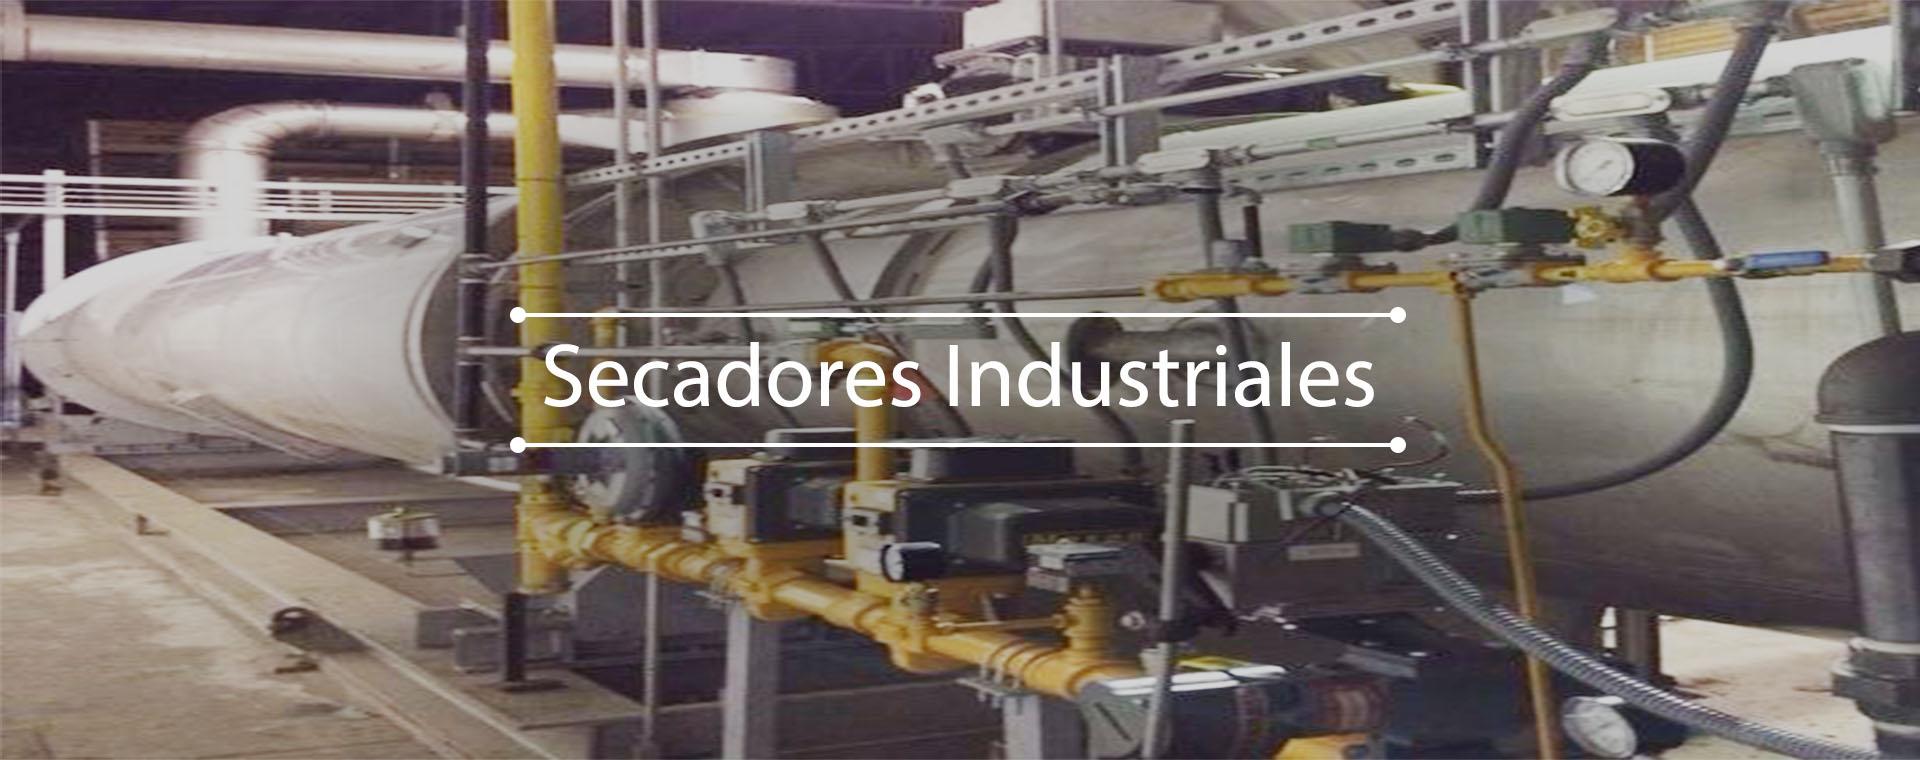 Secadores Industriales